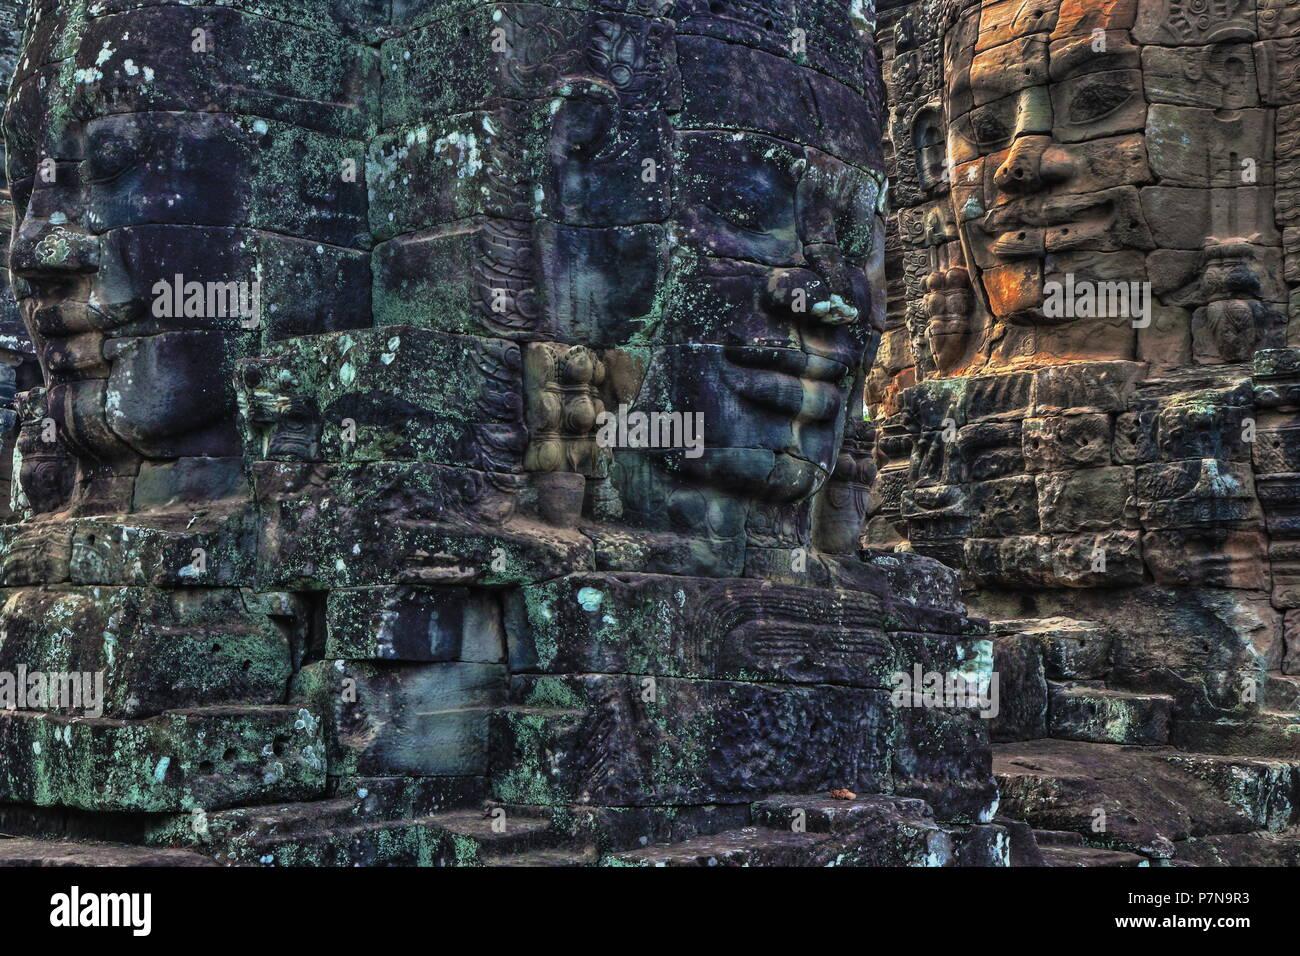 Angkor Wat, Angkor Thom, and Prasat Bayon, Siem Reap, Cambodia Stock Photo